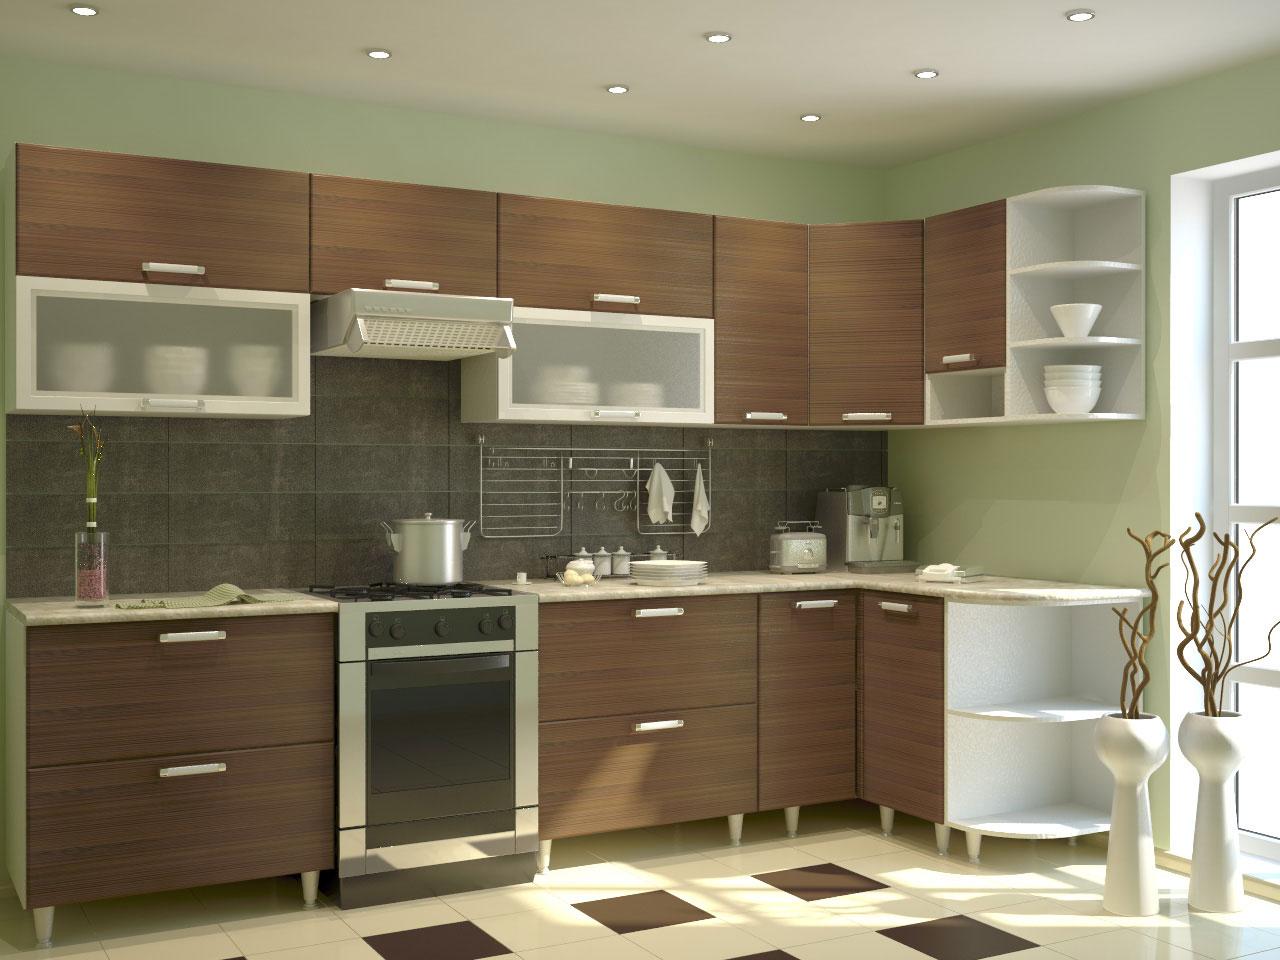 Коричневый угловой гарнитур на кухне